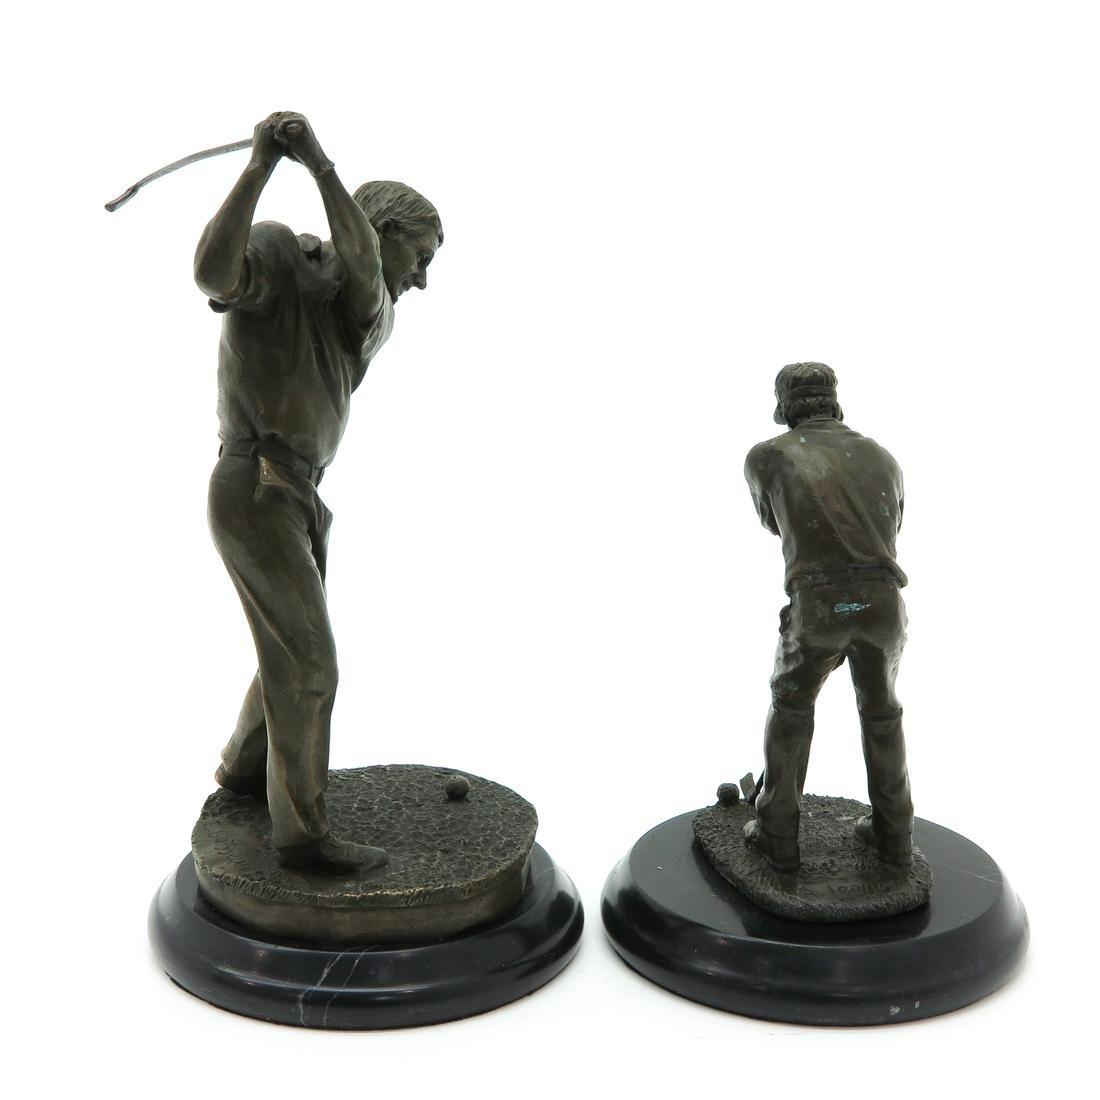 Lot of 2 Bronze Sculptures Depicting Golfers - 4